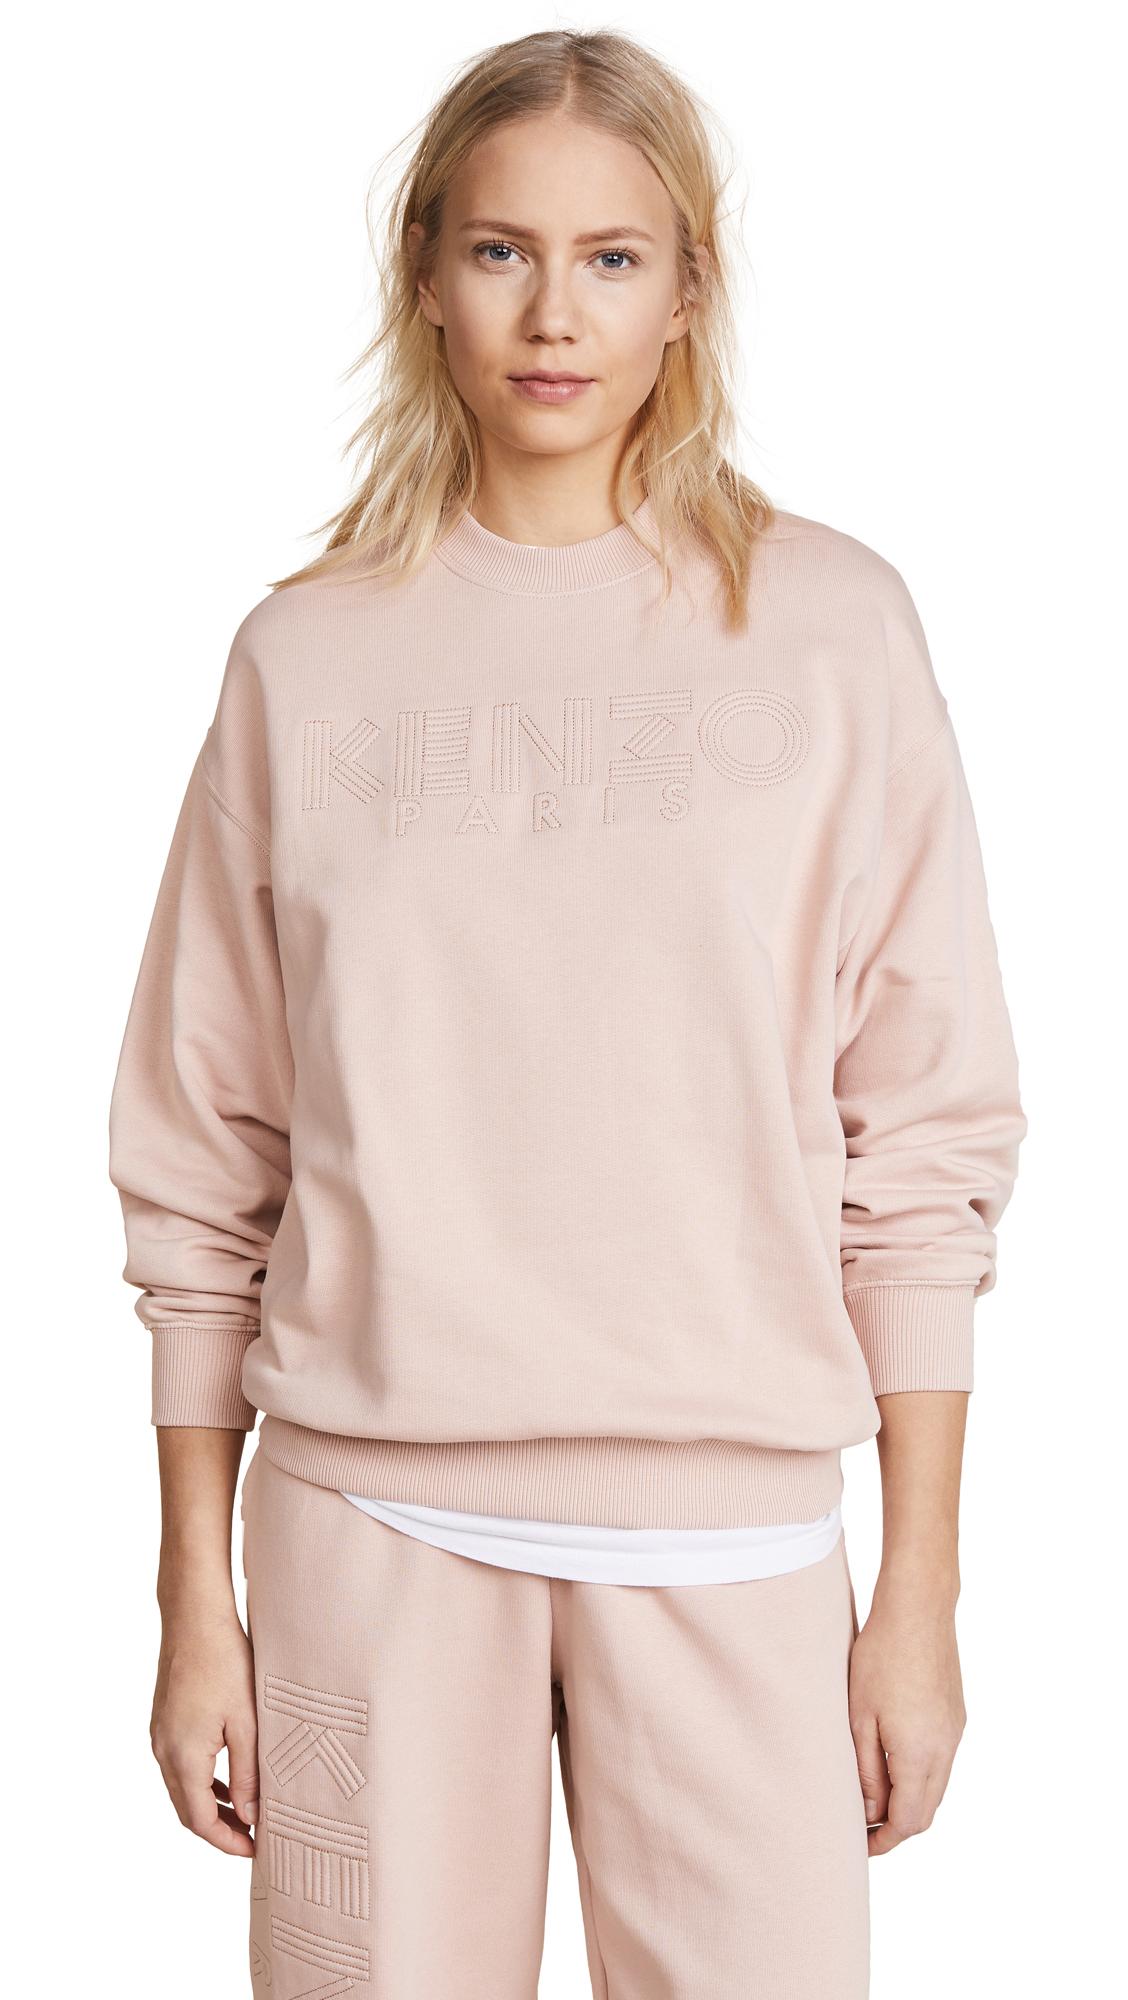 KENZO Sport Comfort Sweatshirt - Skin